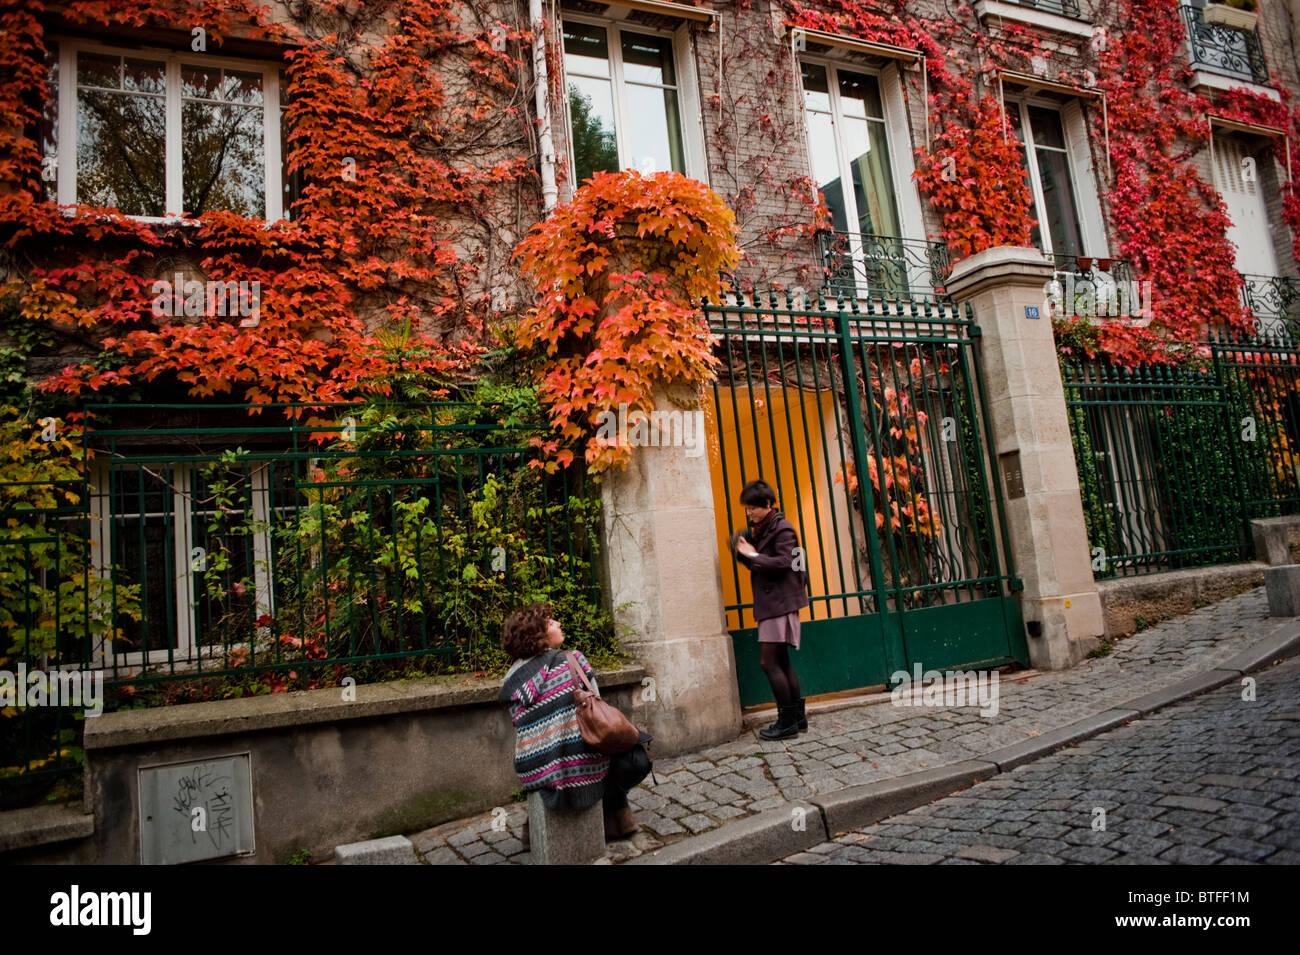 Paris, France, scène de rue, quartier de Montmartre, Détail, vieille Architecture, bâtiment parisien, avant l'automne, Banque D'Images